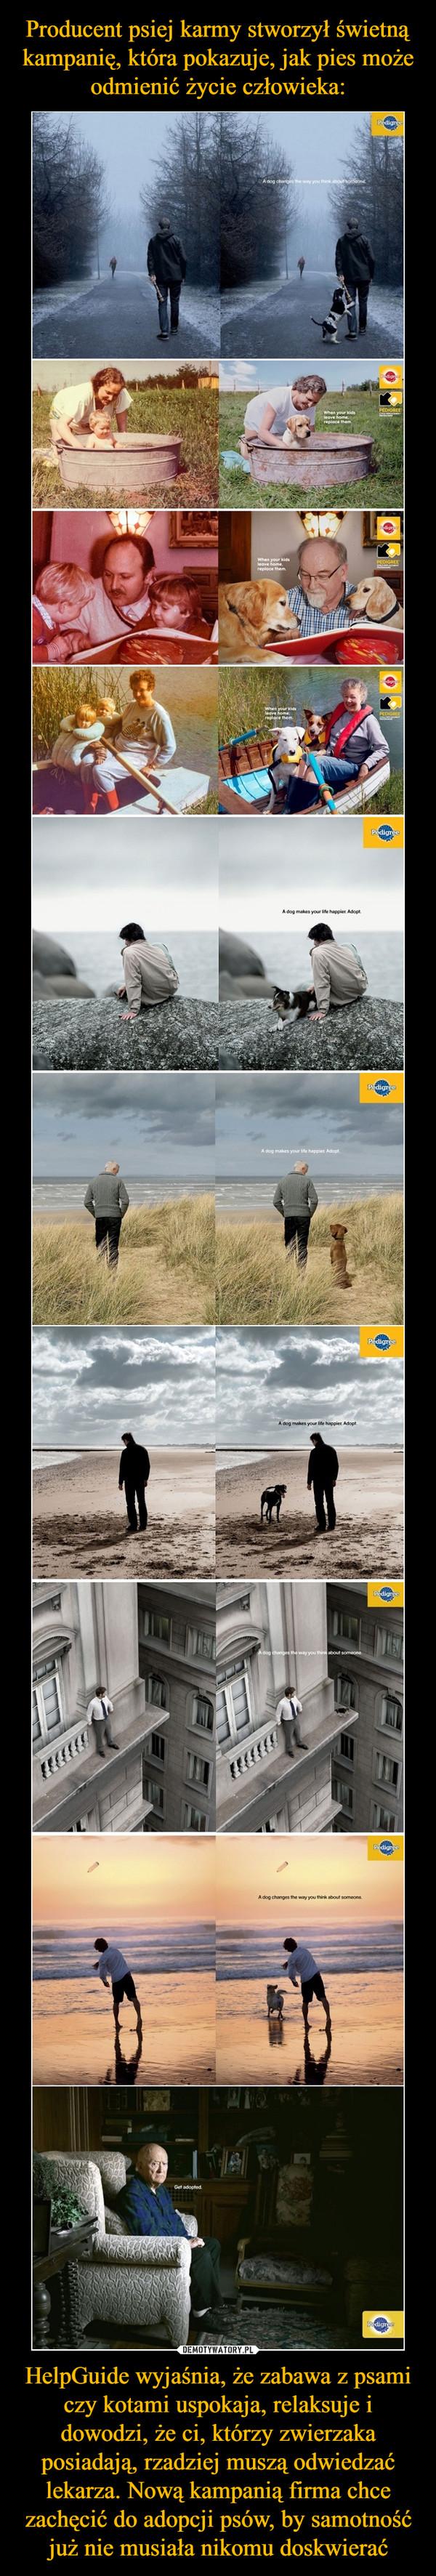 HelpGuide wyjaśnia, że zabawa z psami czy kotami uspokaja, relaksuje i dowodzi, że ci, którzy zwierzaka posiadają, rzadziej muszą odwiedzać lekarza. Nową kampanią firma chce zachęcić do adopcji psów, by samotność już nie musiała nikomu doskwierać –